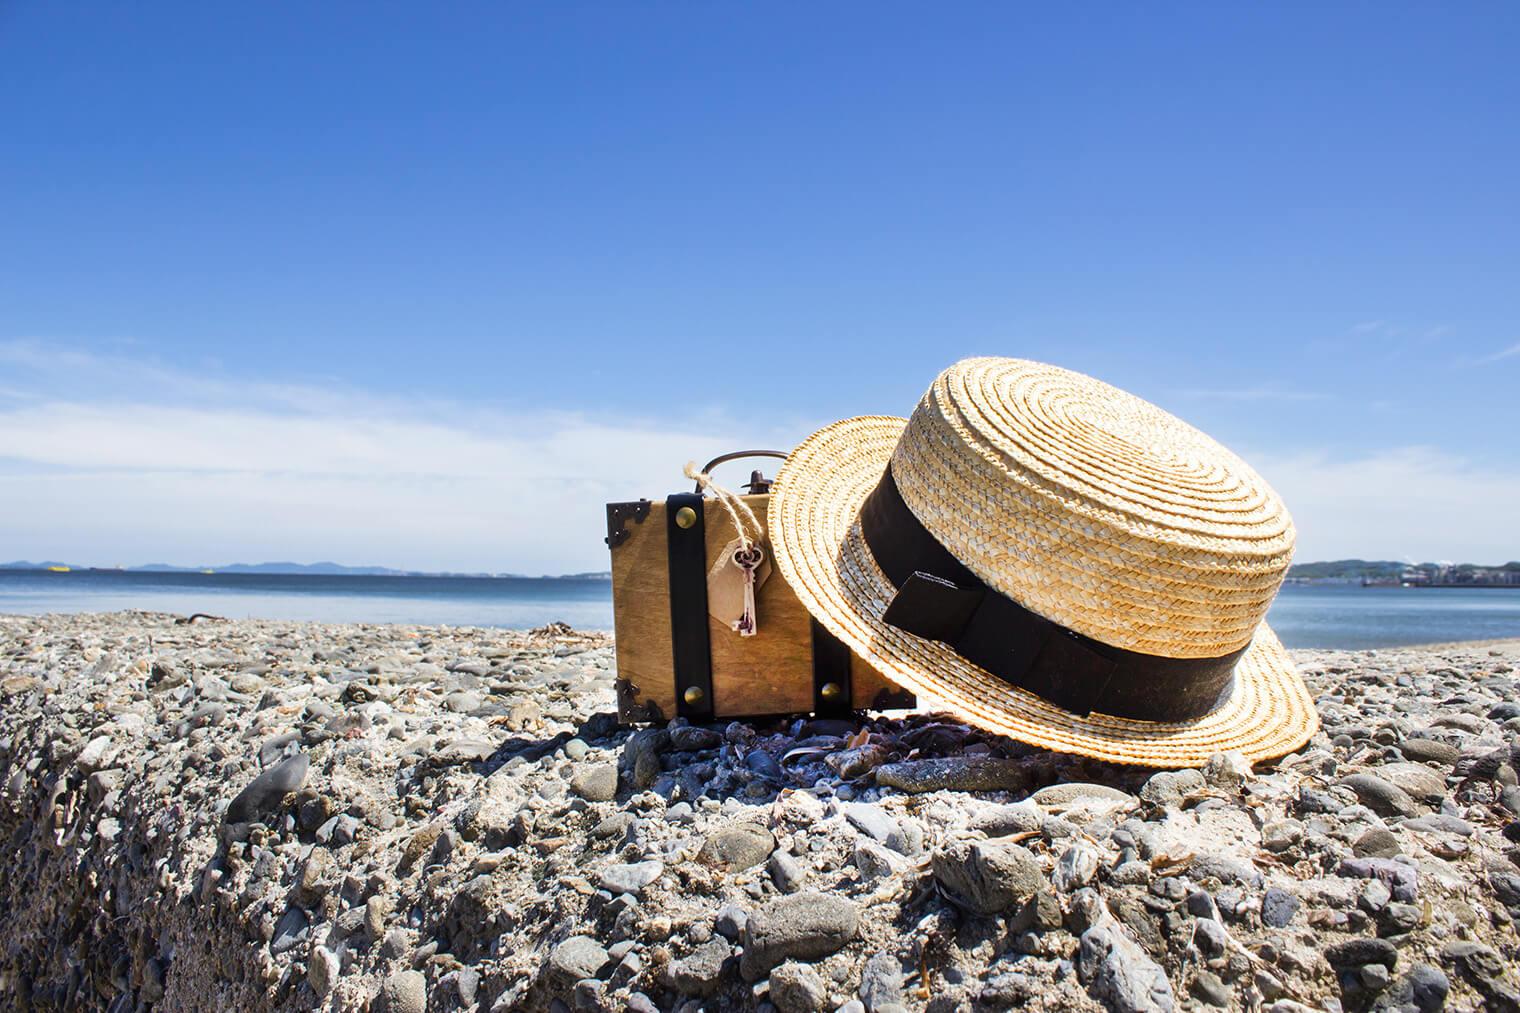 麦わら帽子を型崩れやほこりから守る保管・収納方法